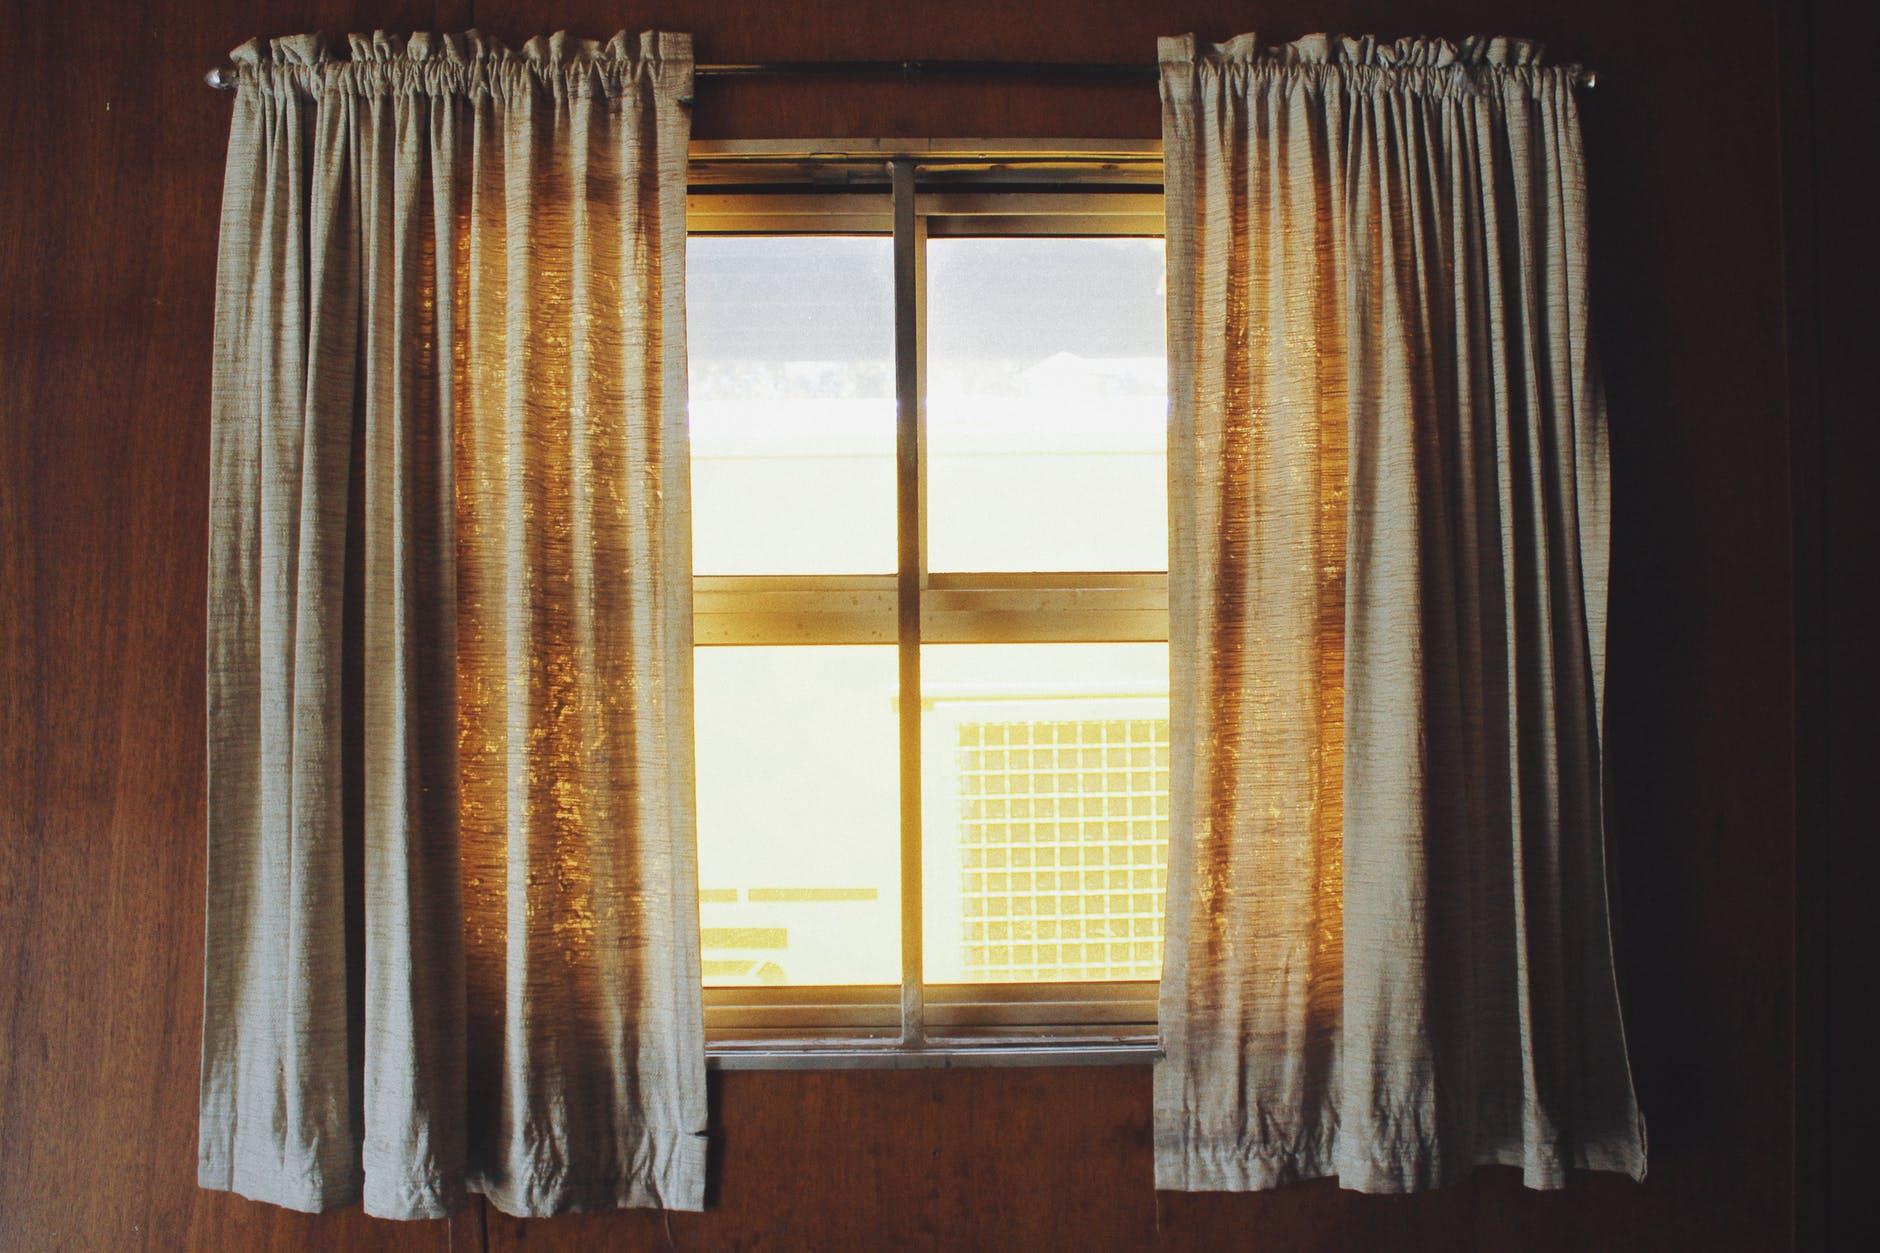 okno, závesy